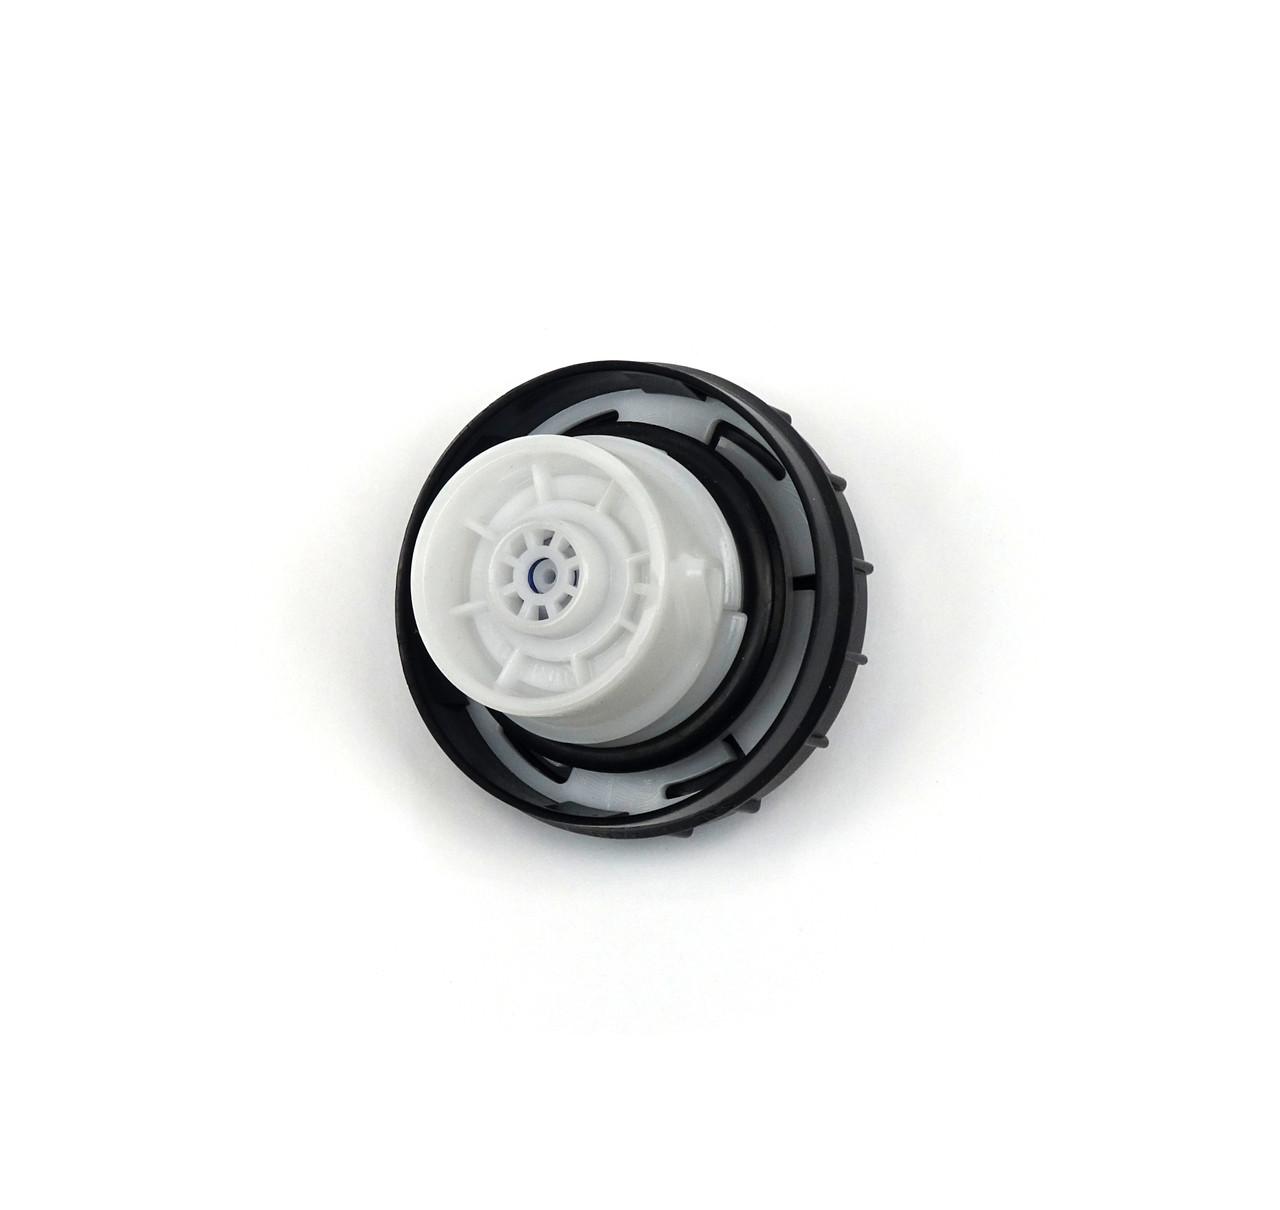 FIAT 500 Fuel Filler Cap - Auto Ricambi 2012-on All 500 models